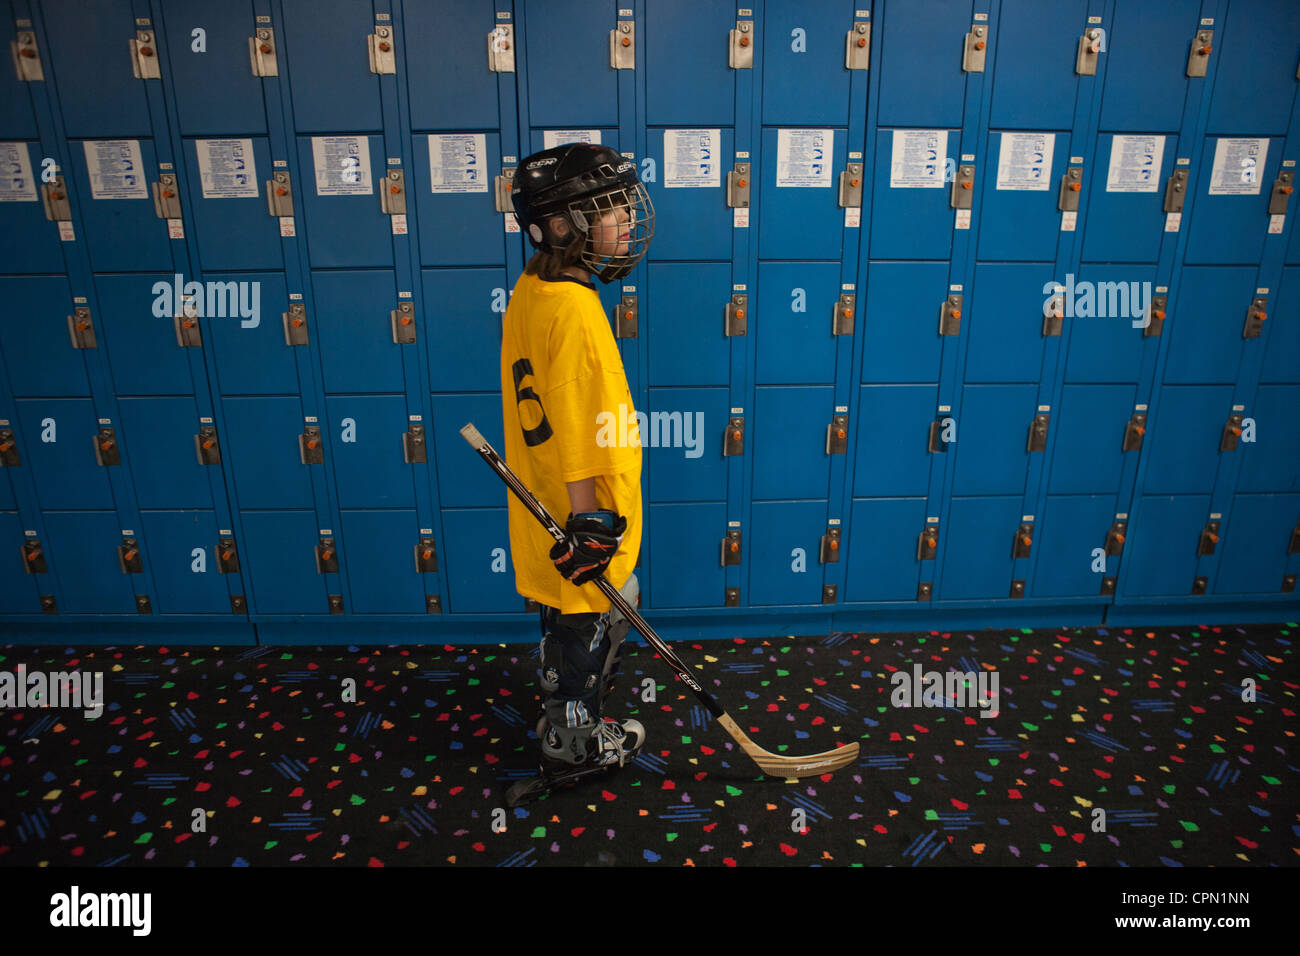 Garçon de neuf ans, debout devant des casiers, s'apprête à jouer au hockey. Photo Stock